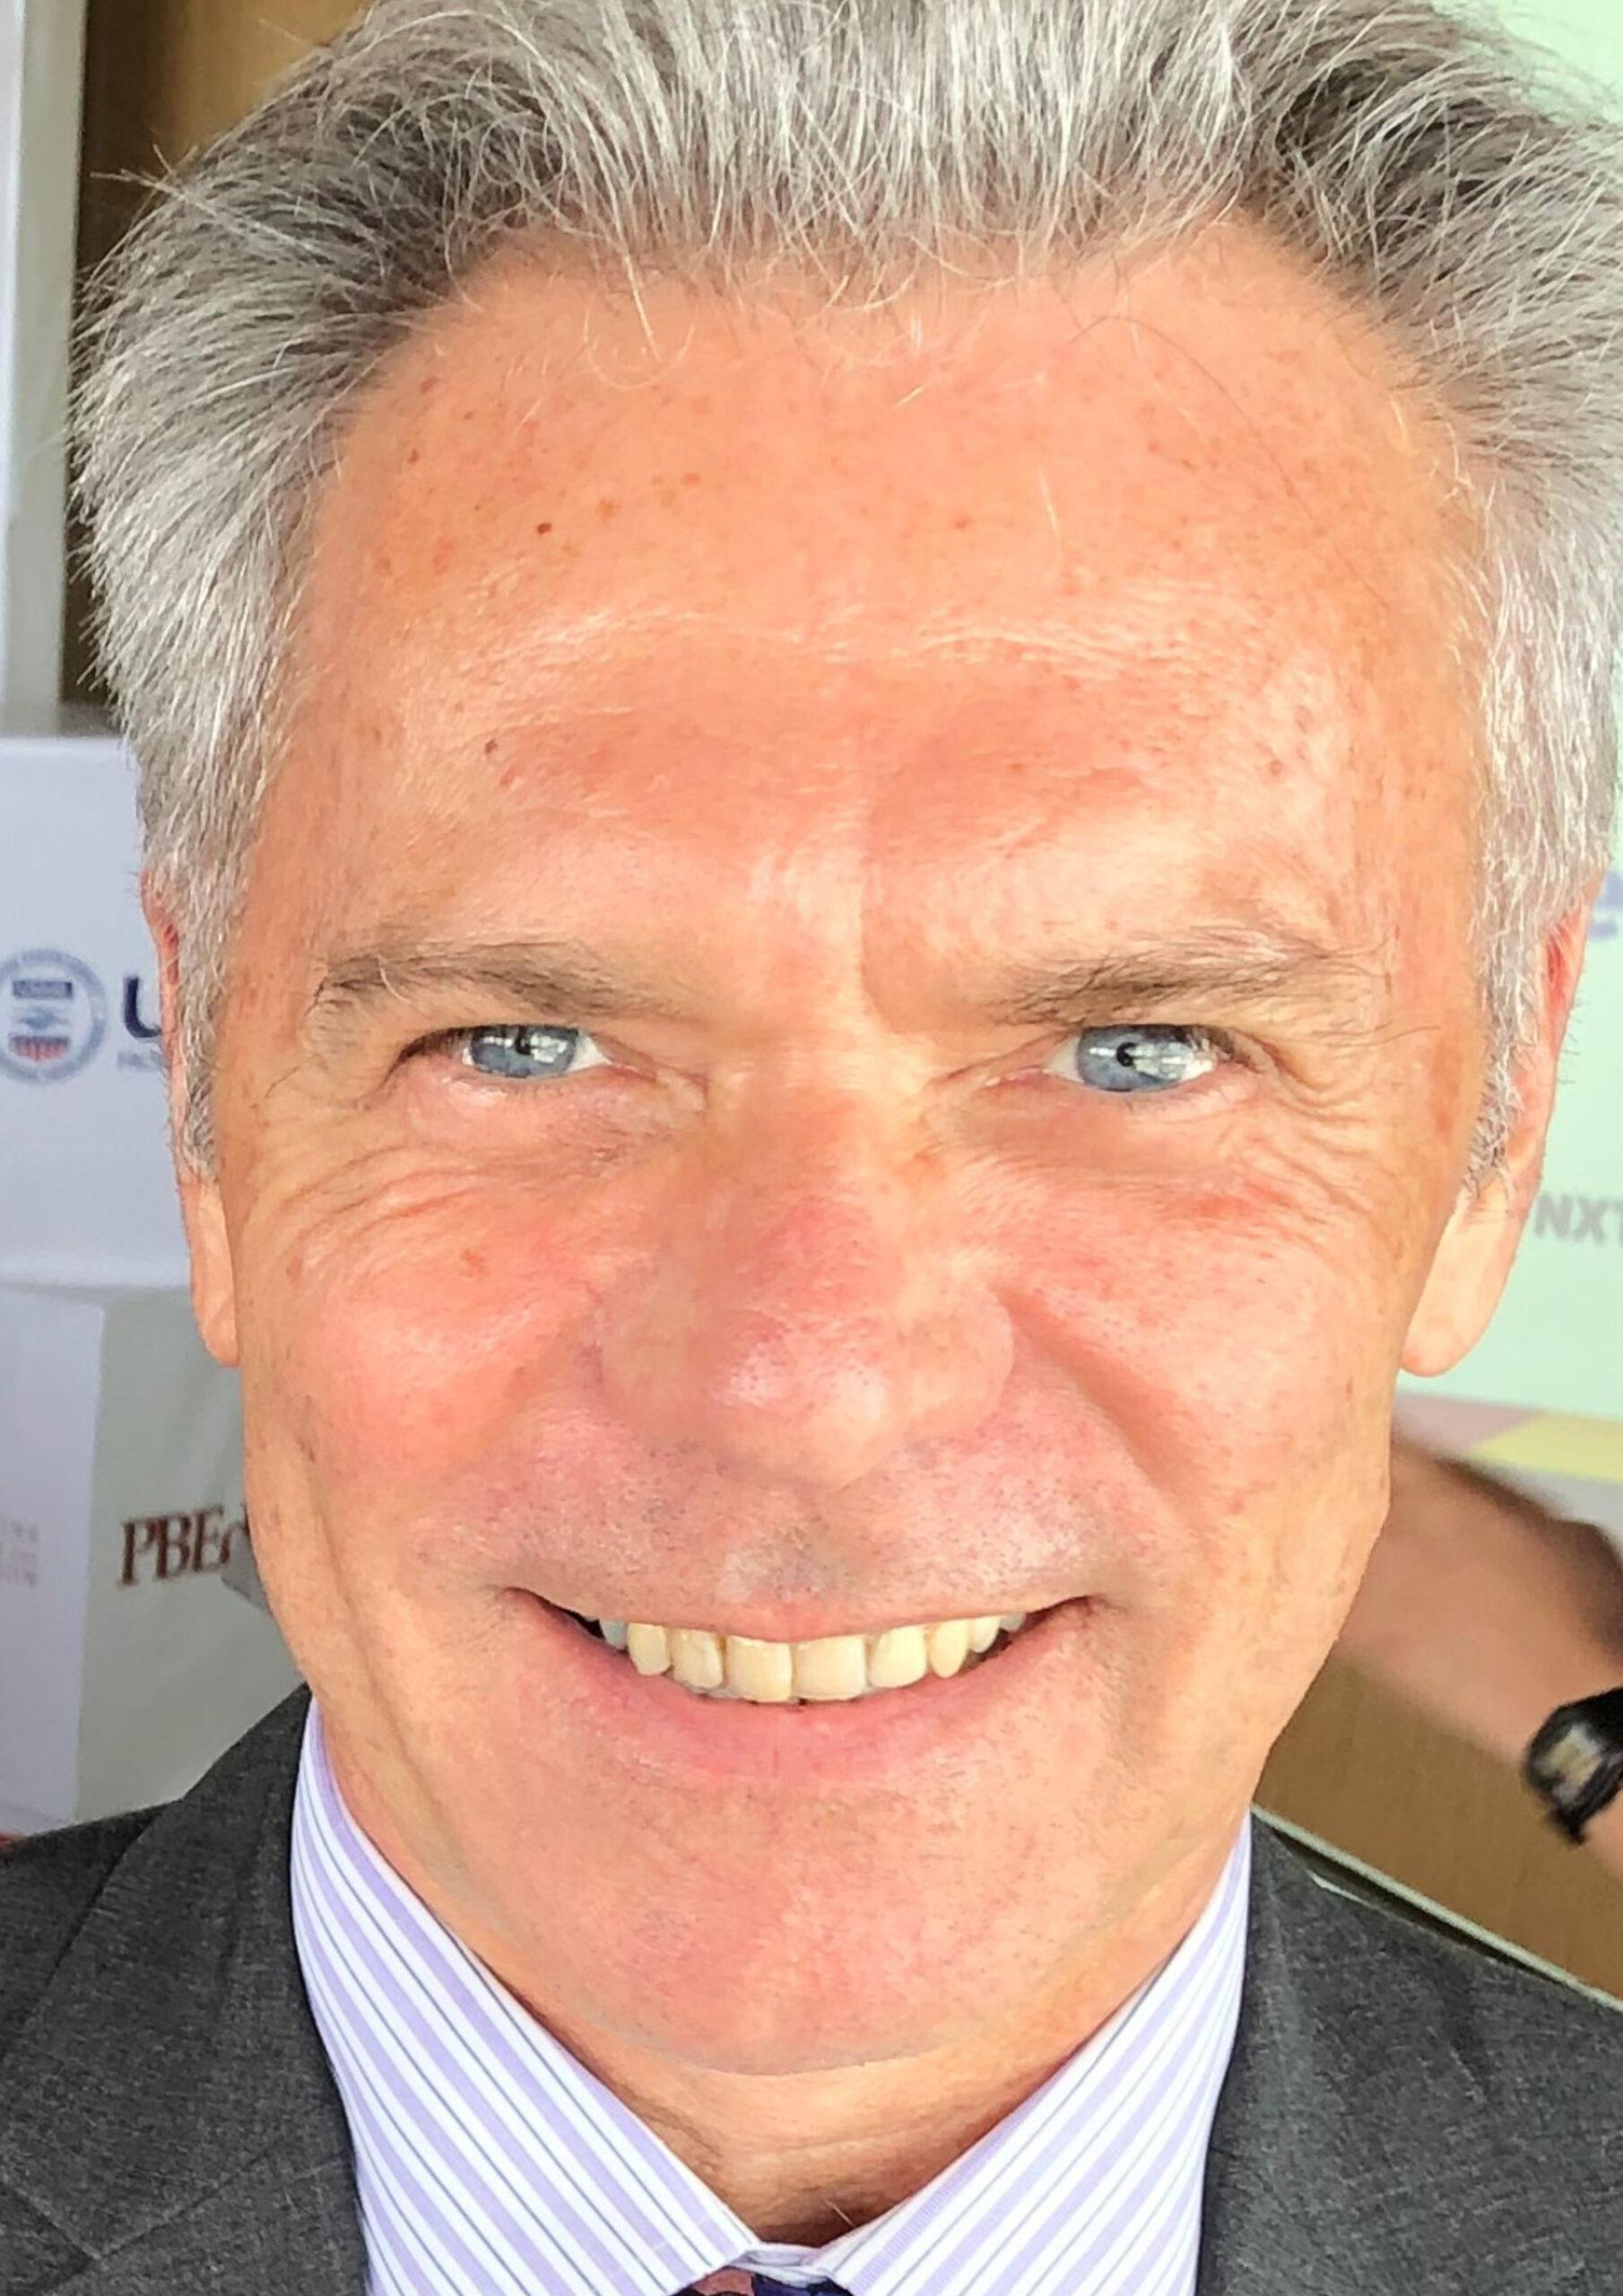 Dr. Thomas LeBlanc